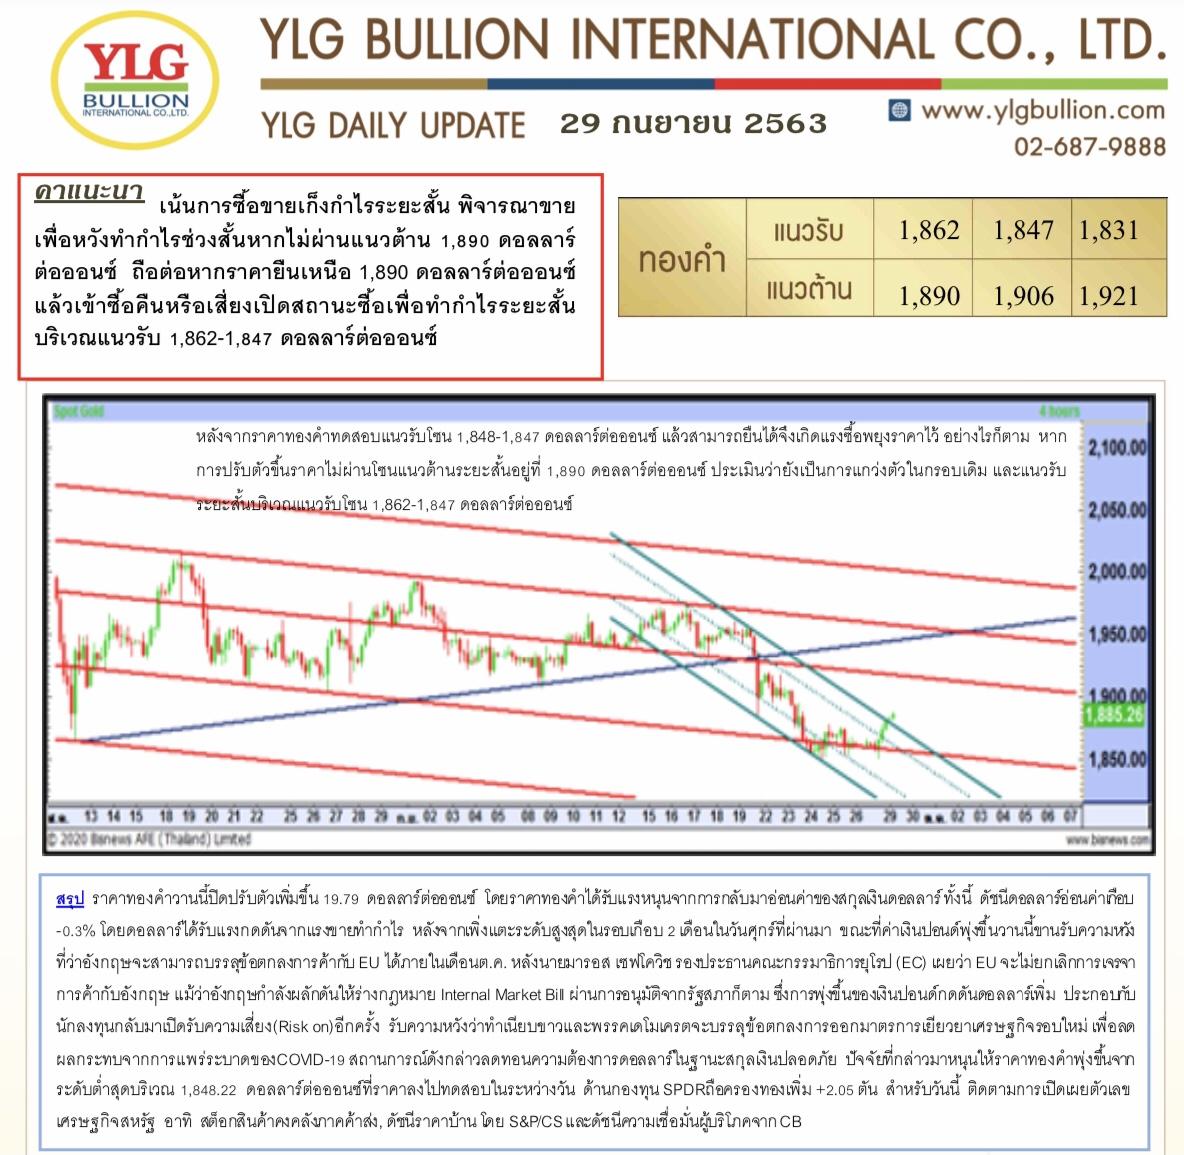 สรุปภาวะทองคำ โดย YLG เน้นการซื้อขายเก็งกำไรระยะสั้น